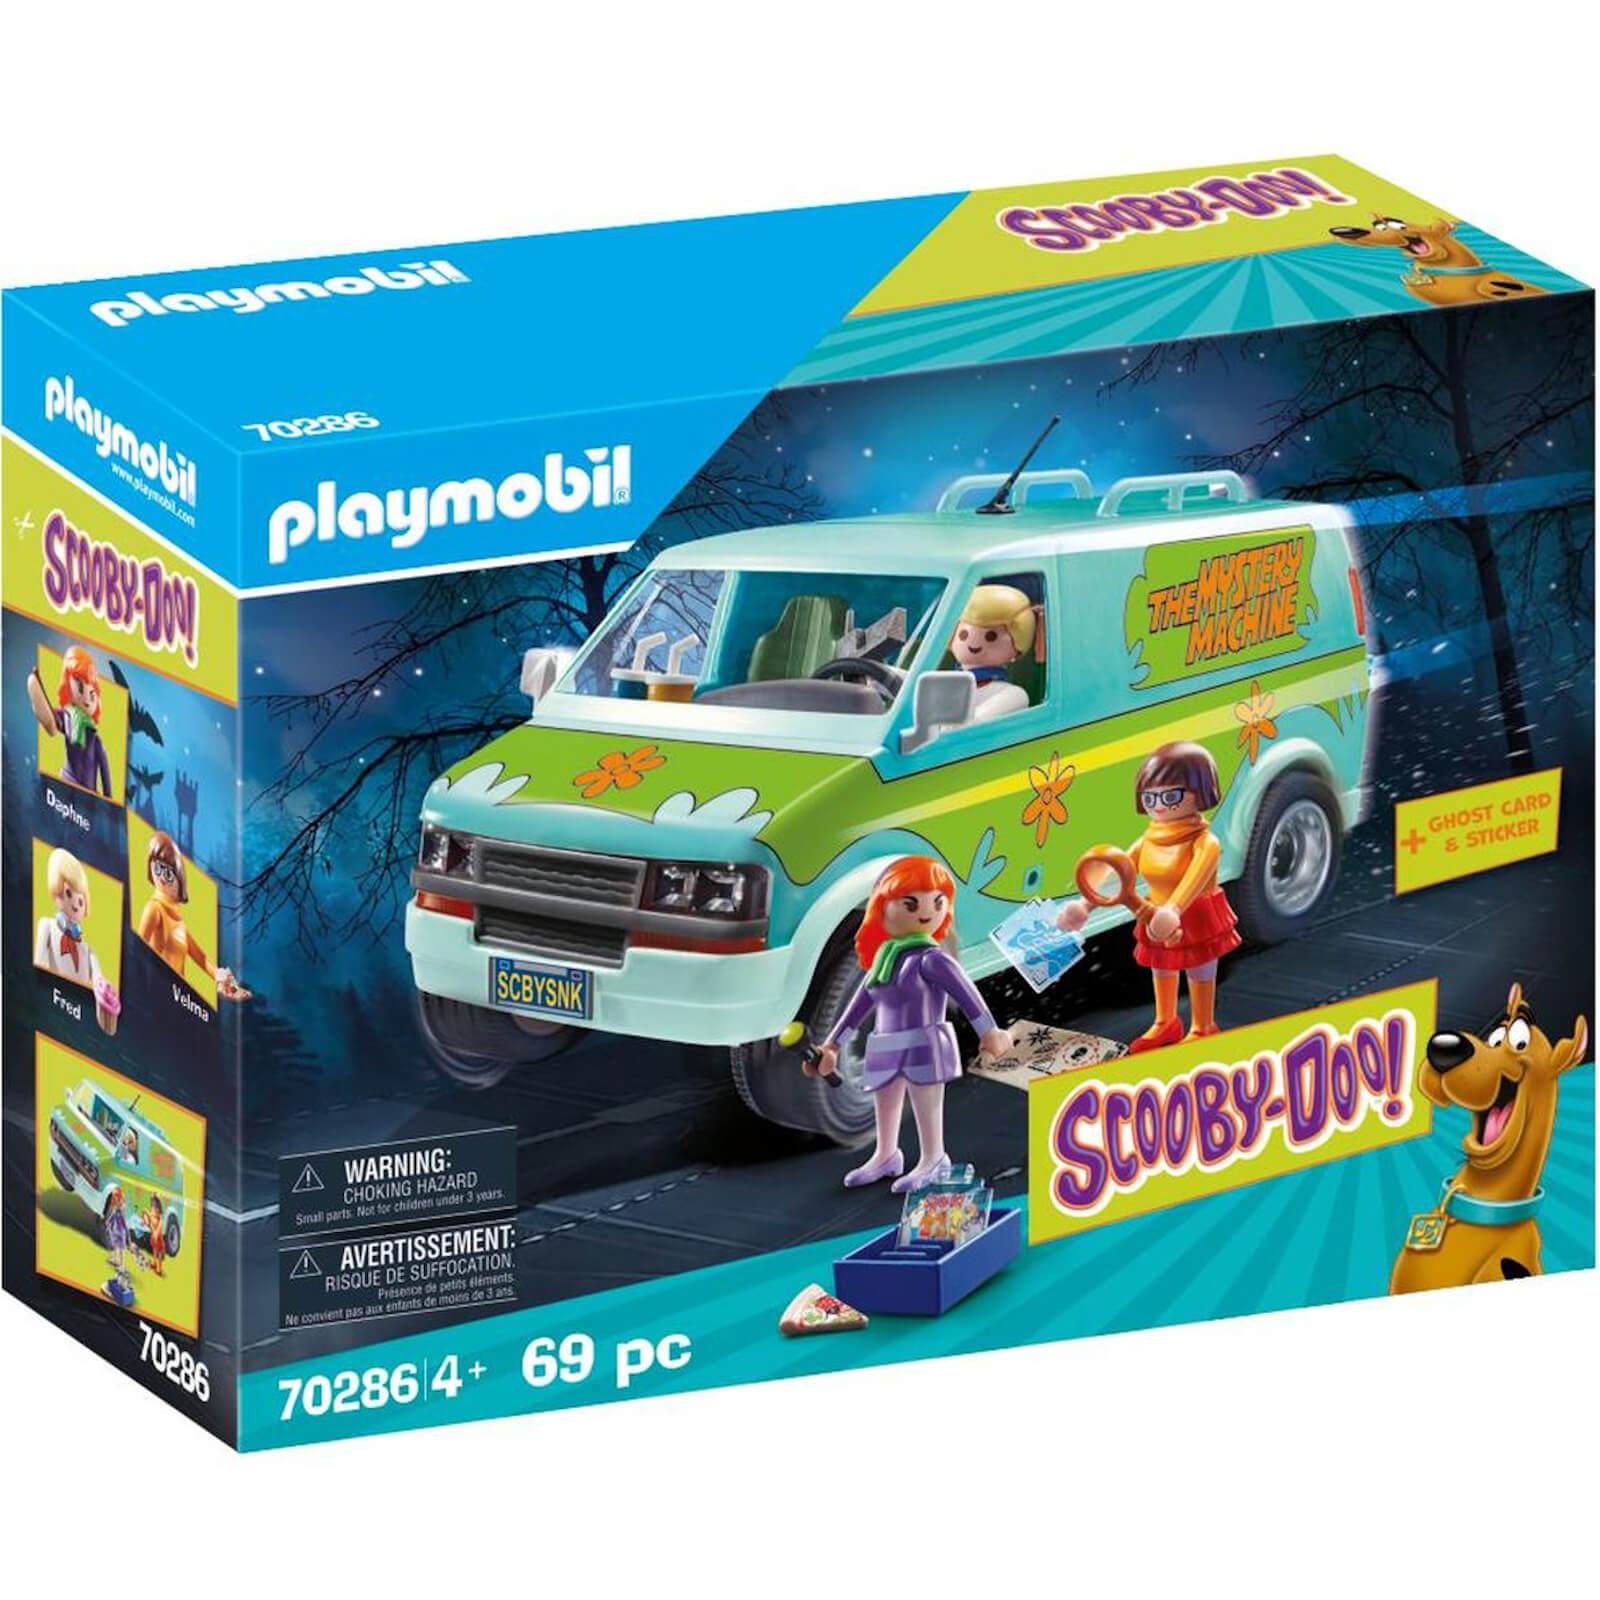 Playmobil Scooby Doo! Mystery Machine (70286)